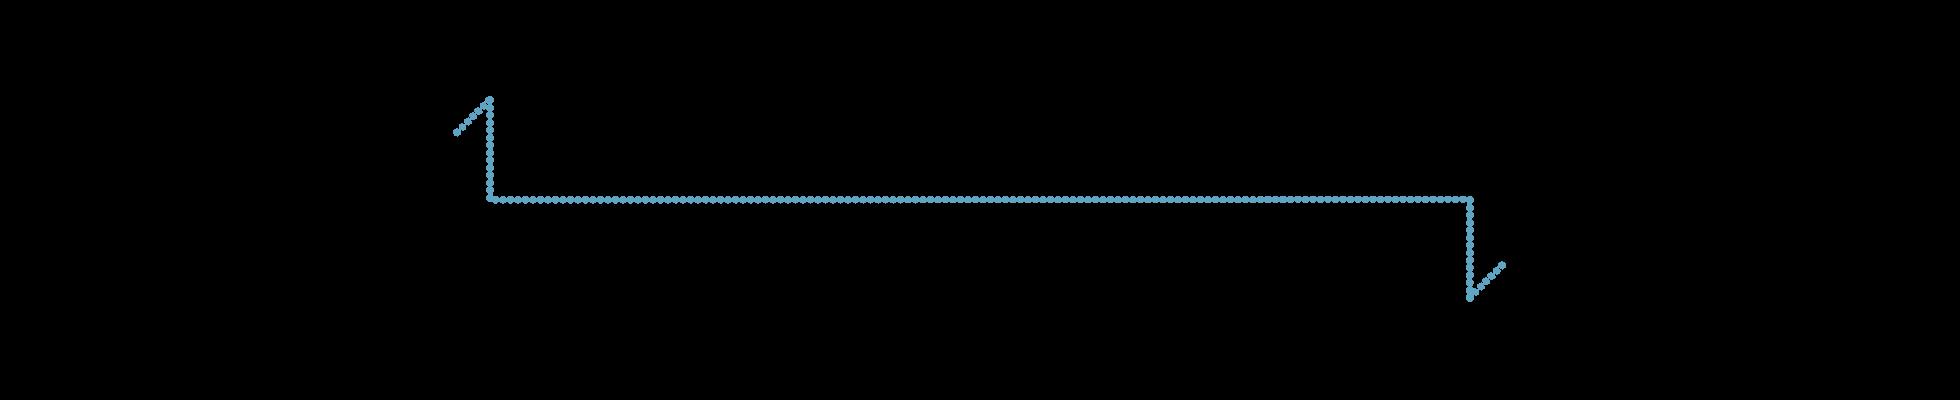 Division-Line-L-R-Arrows